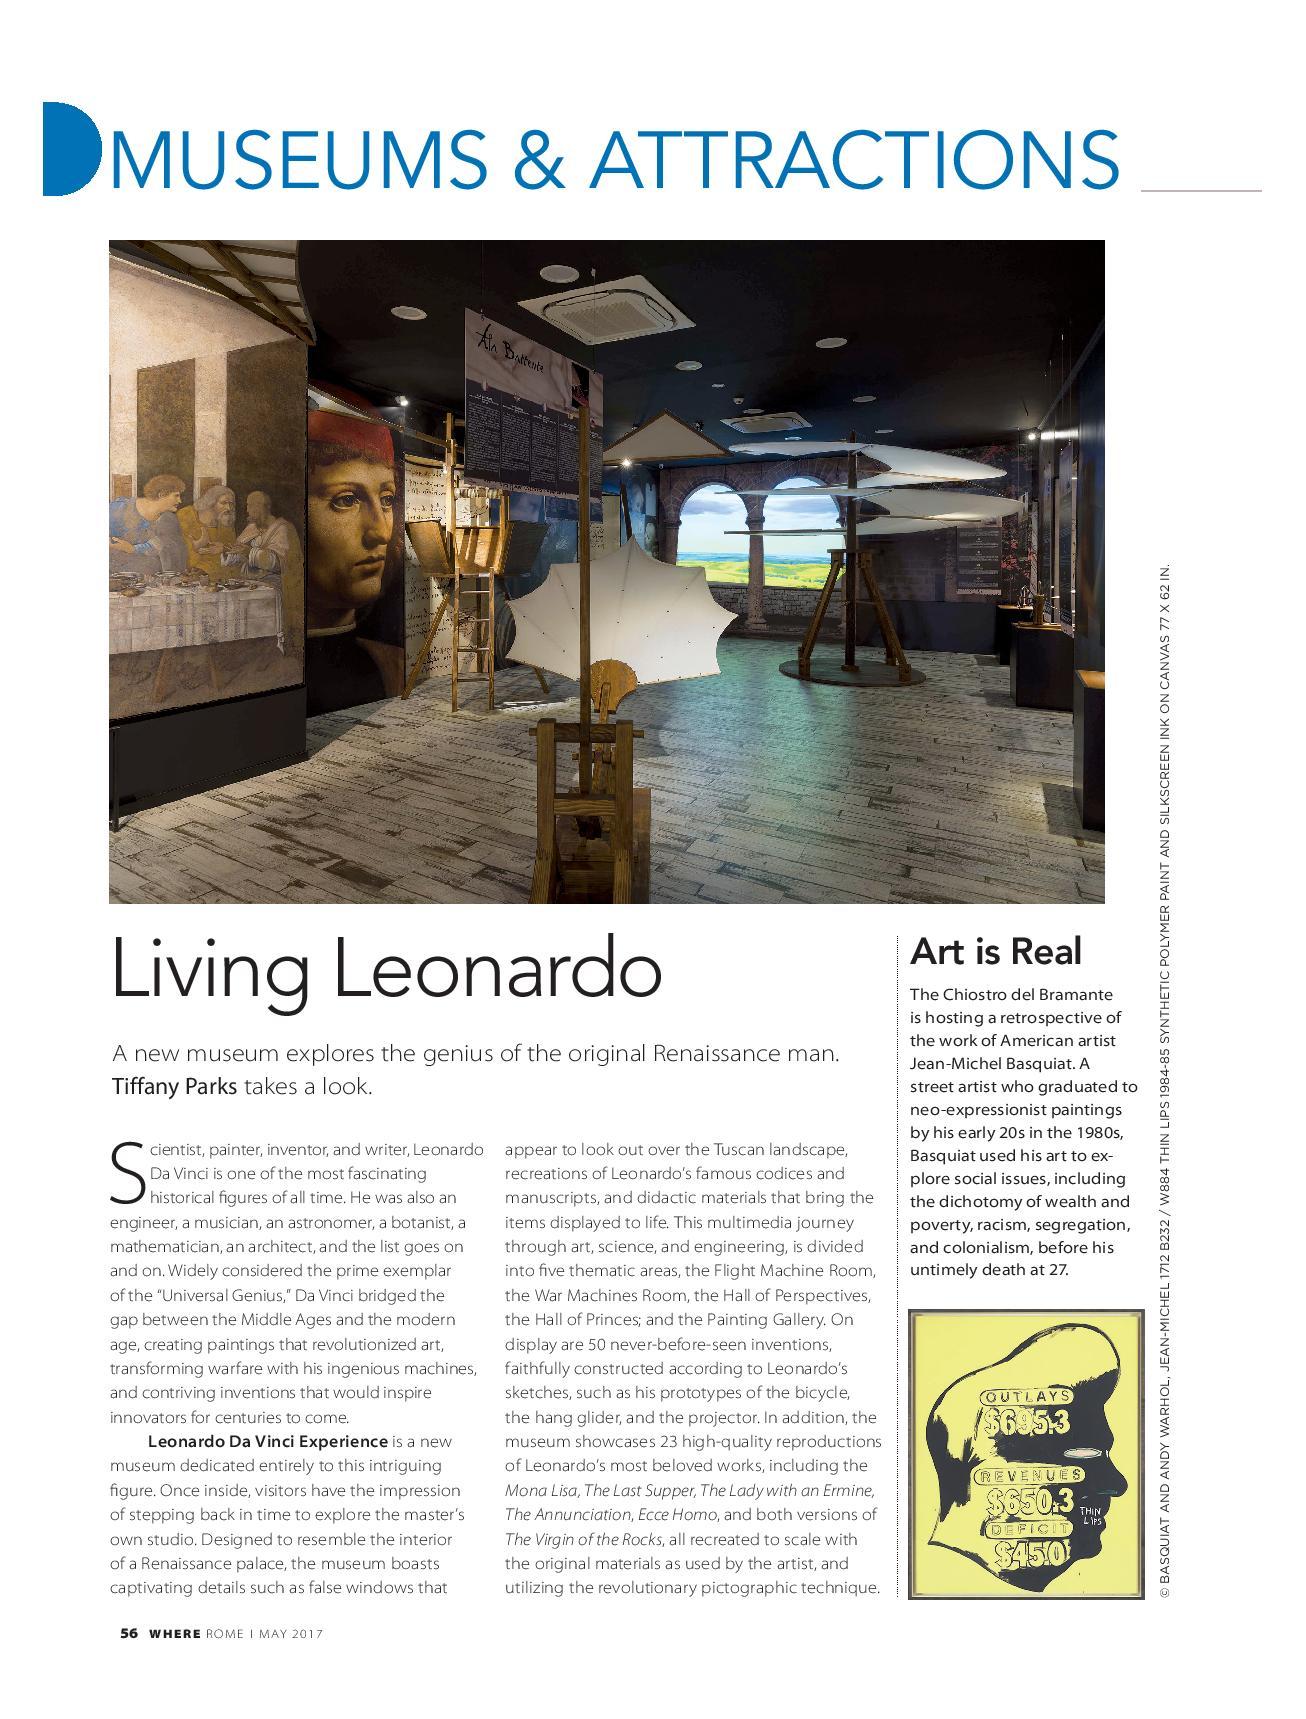 Living-Leonardo-Where-Rome-May-2017.jpg